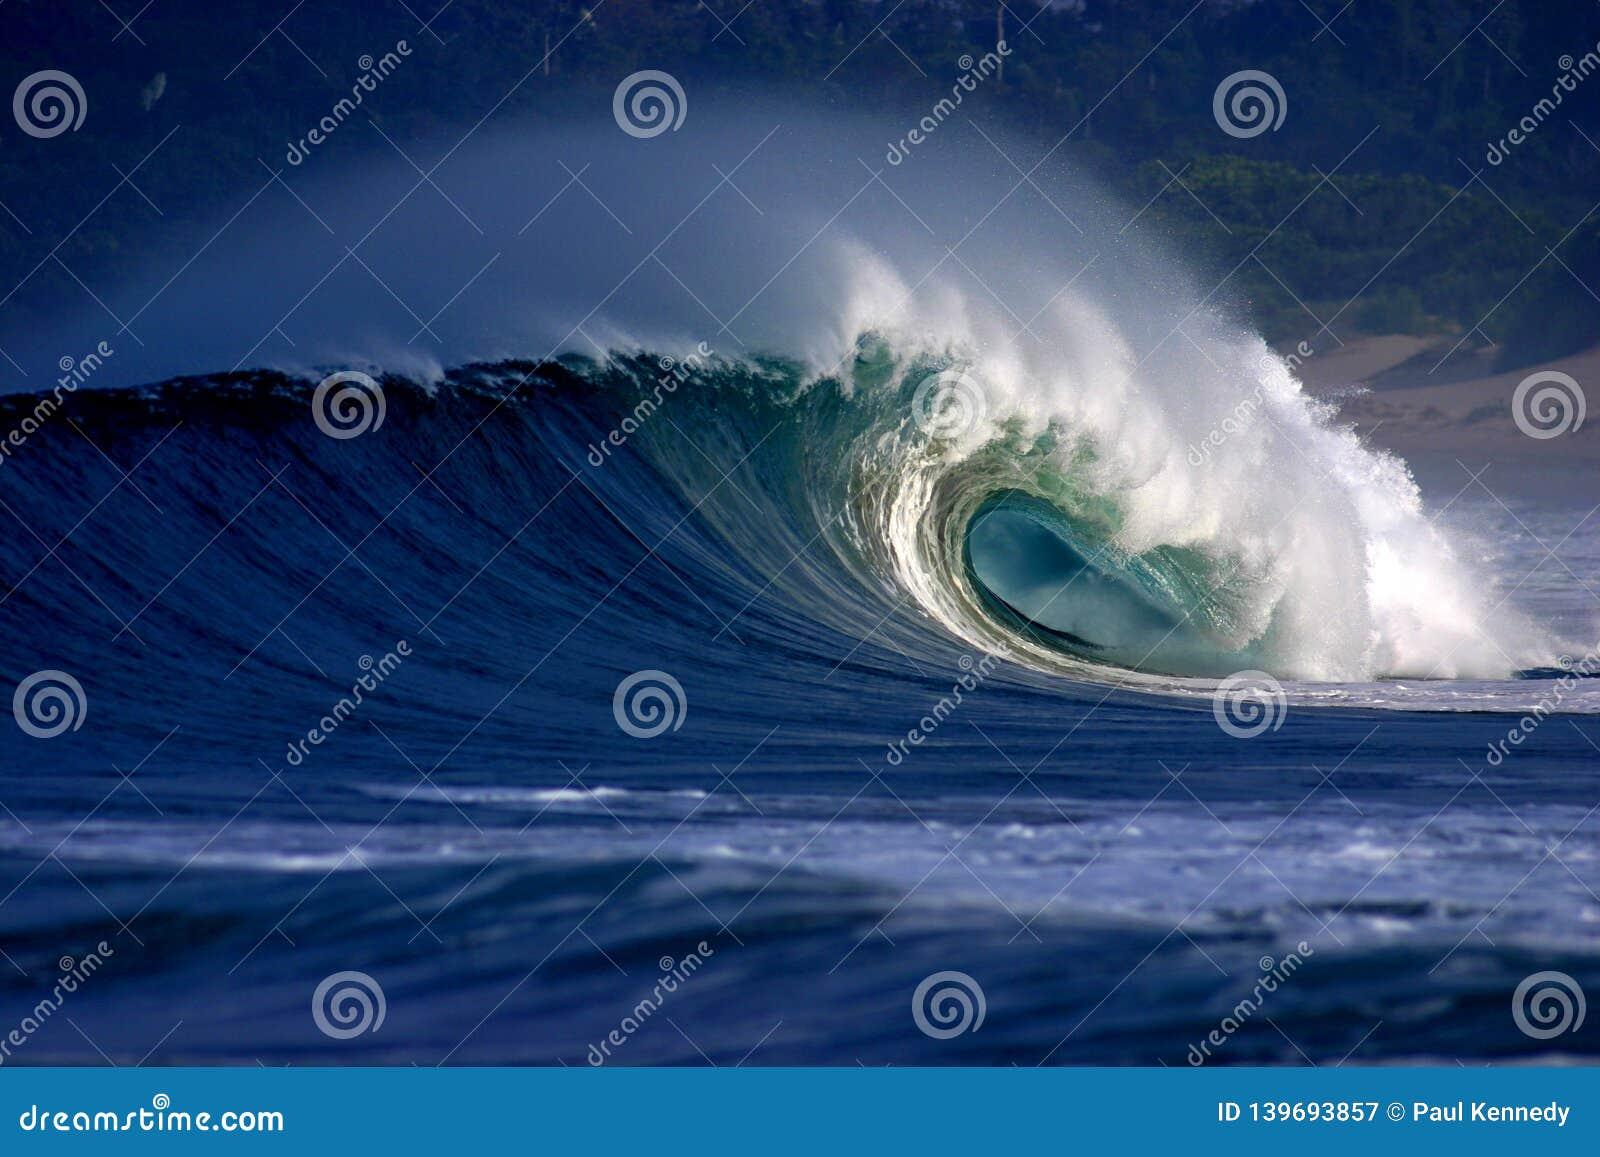 Onda praticante il surfing tubolare che si rompe sulla spiaggia tropicale